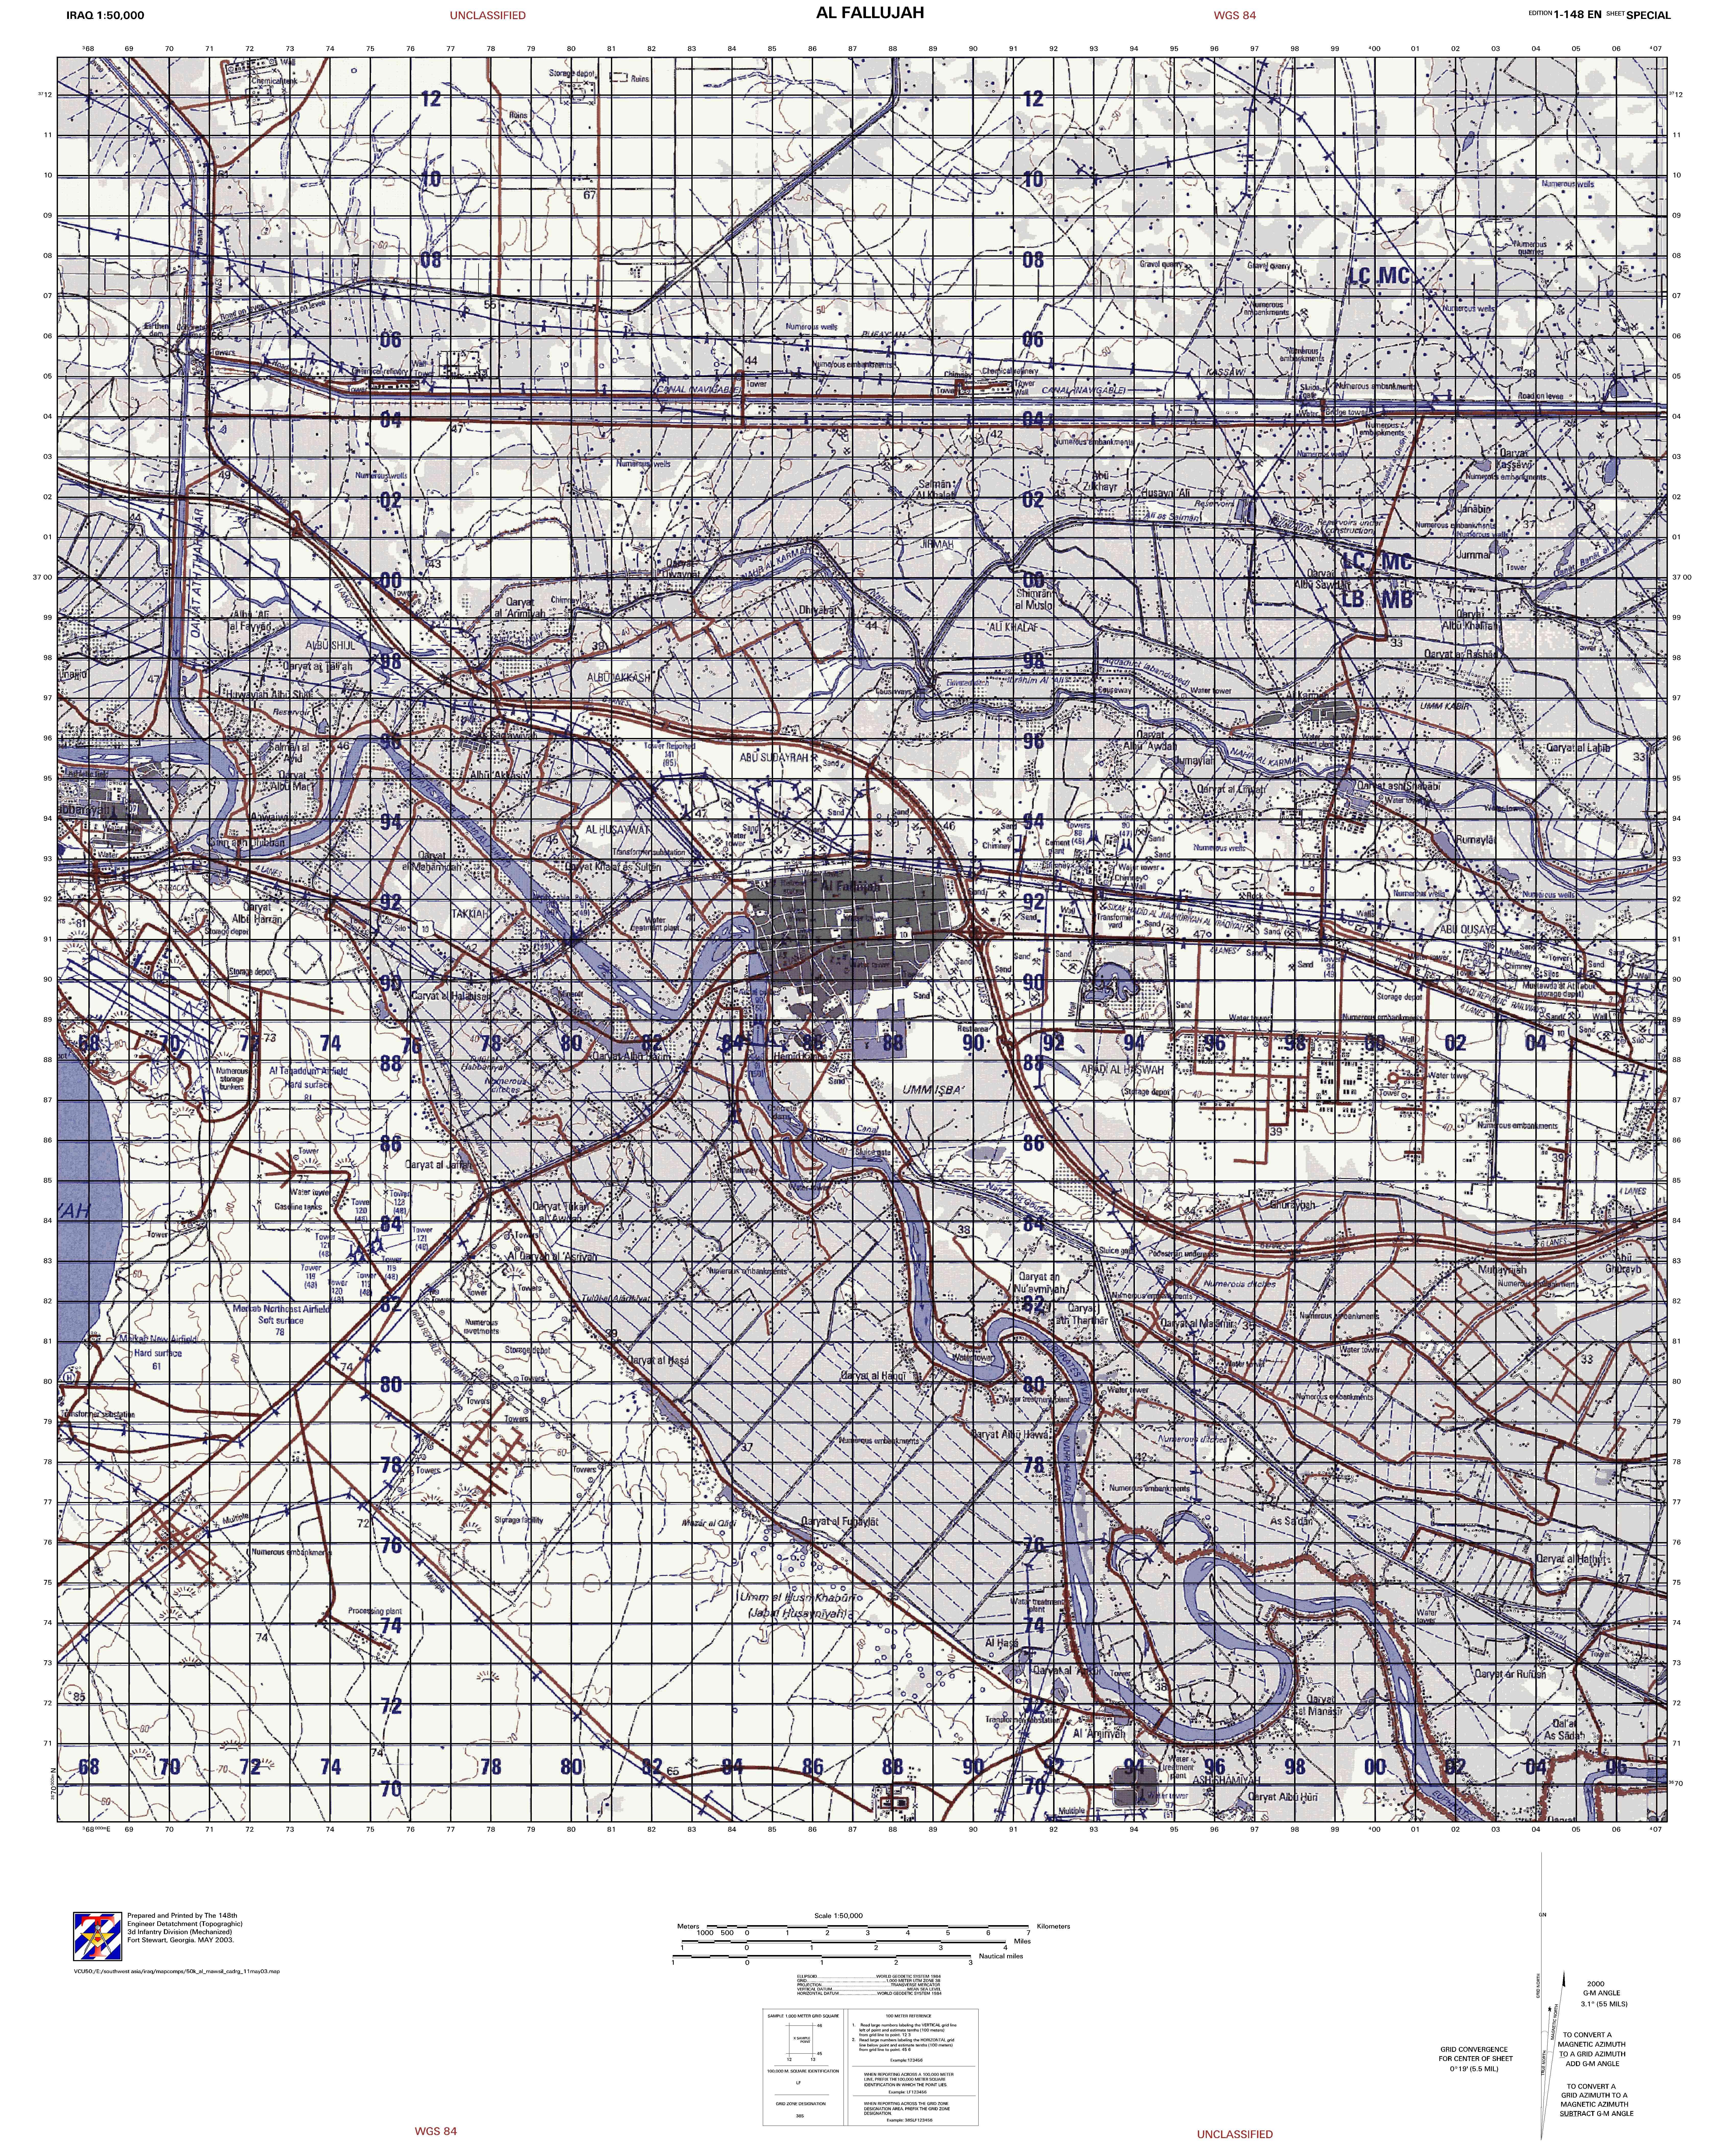 military map of fallujah